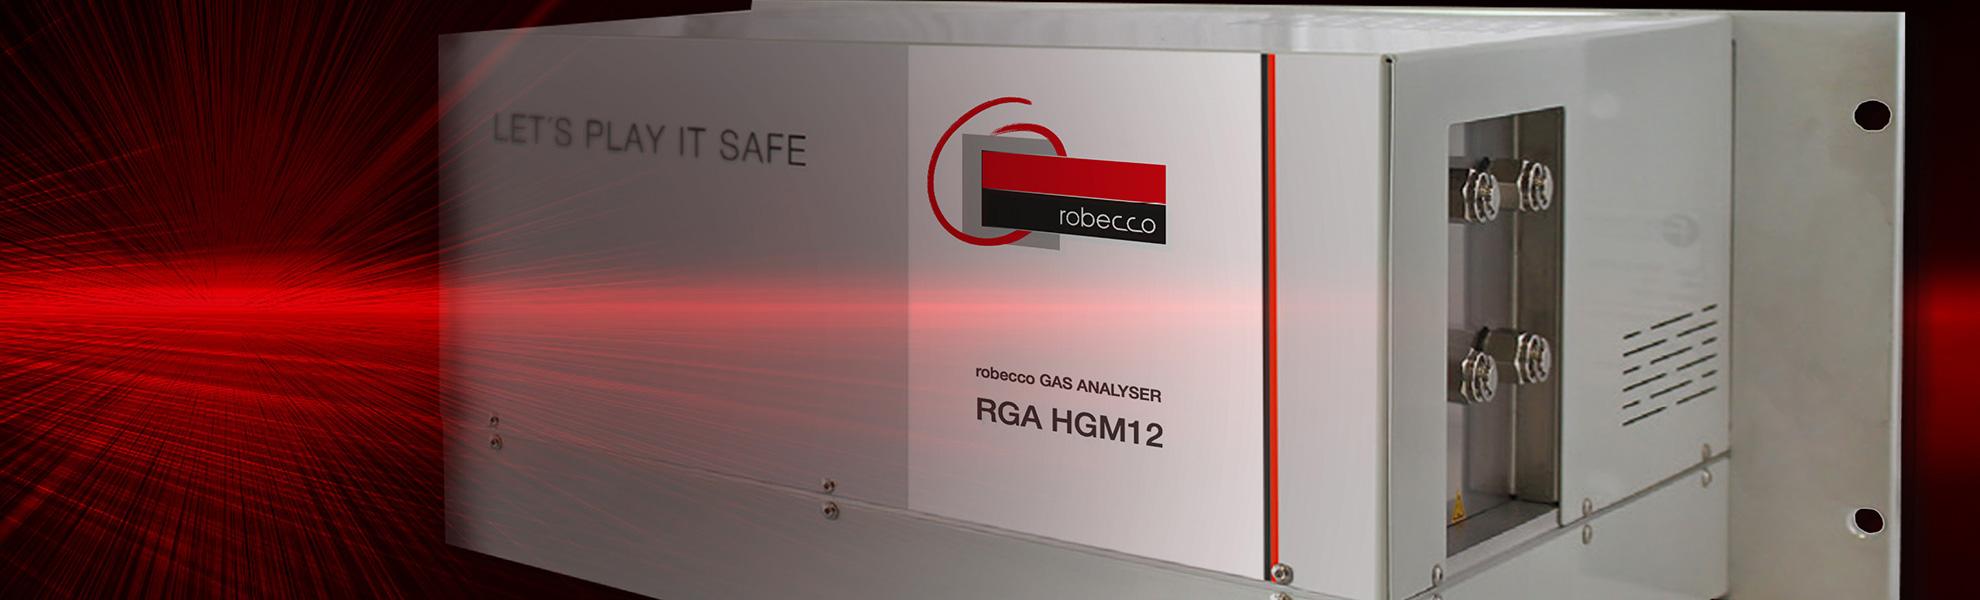 robecco-gasanalysesystem-rga-hgm-12